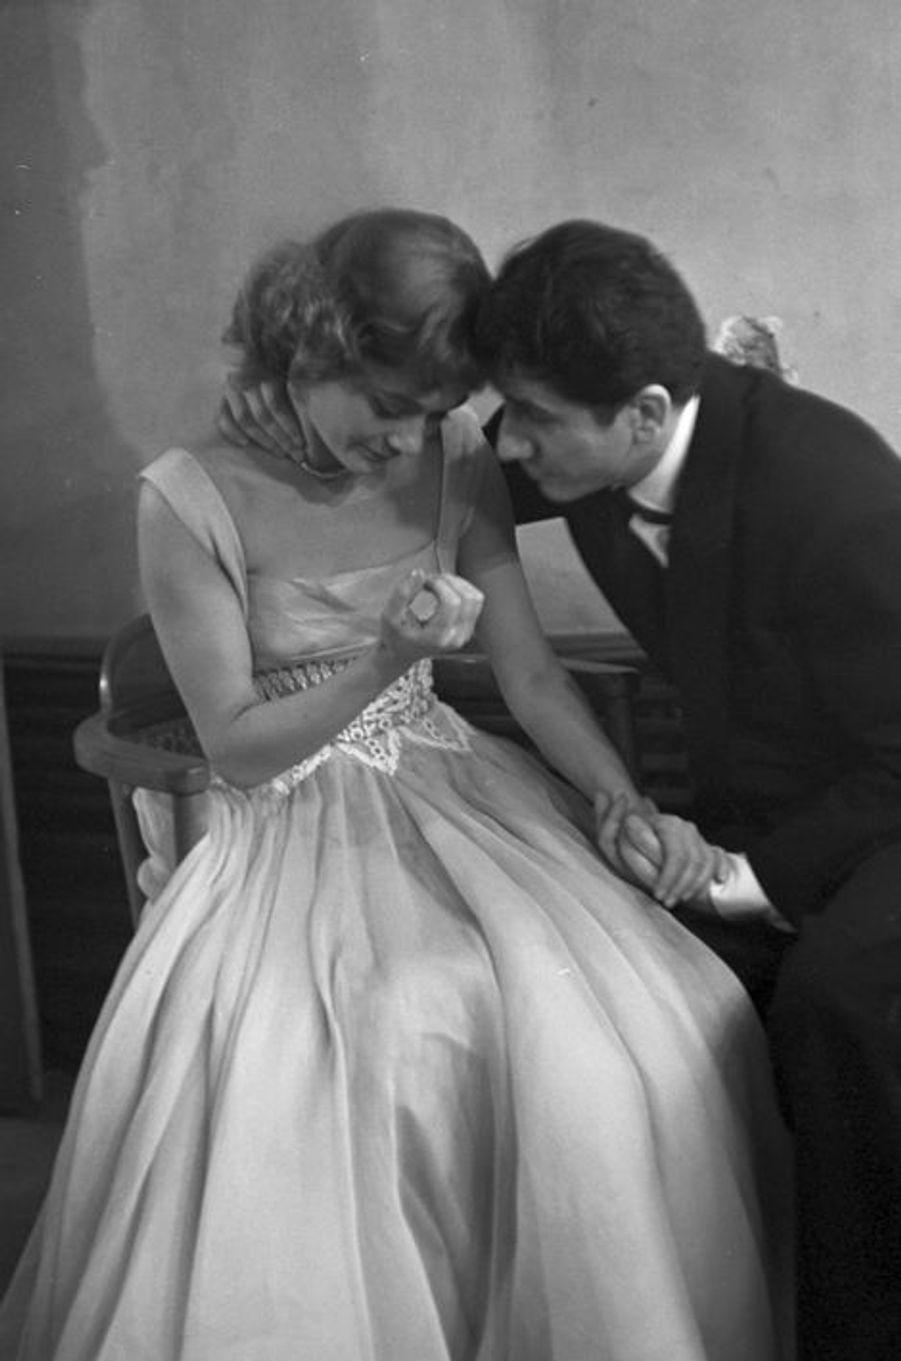 Mars 1954, Paris. Danièle Delorme présente des numéros lors d'un gala en compagnie de Daniel Gelin